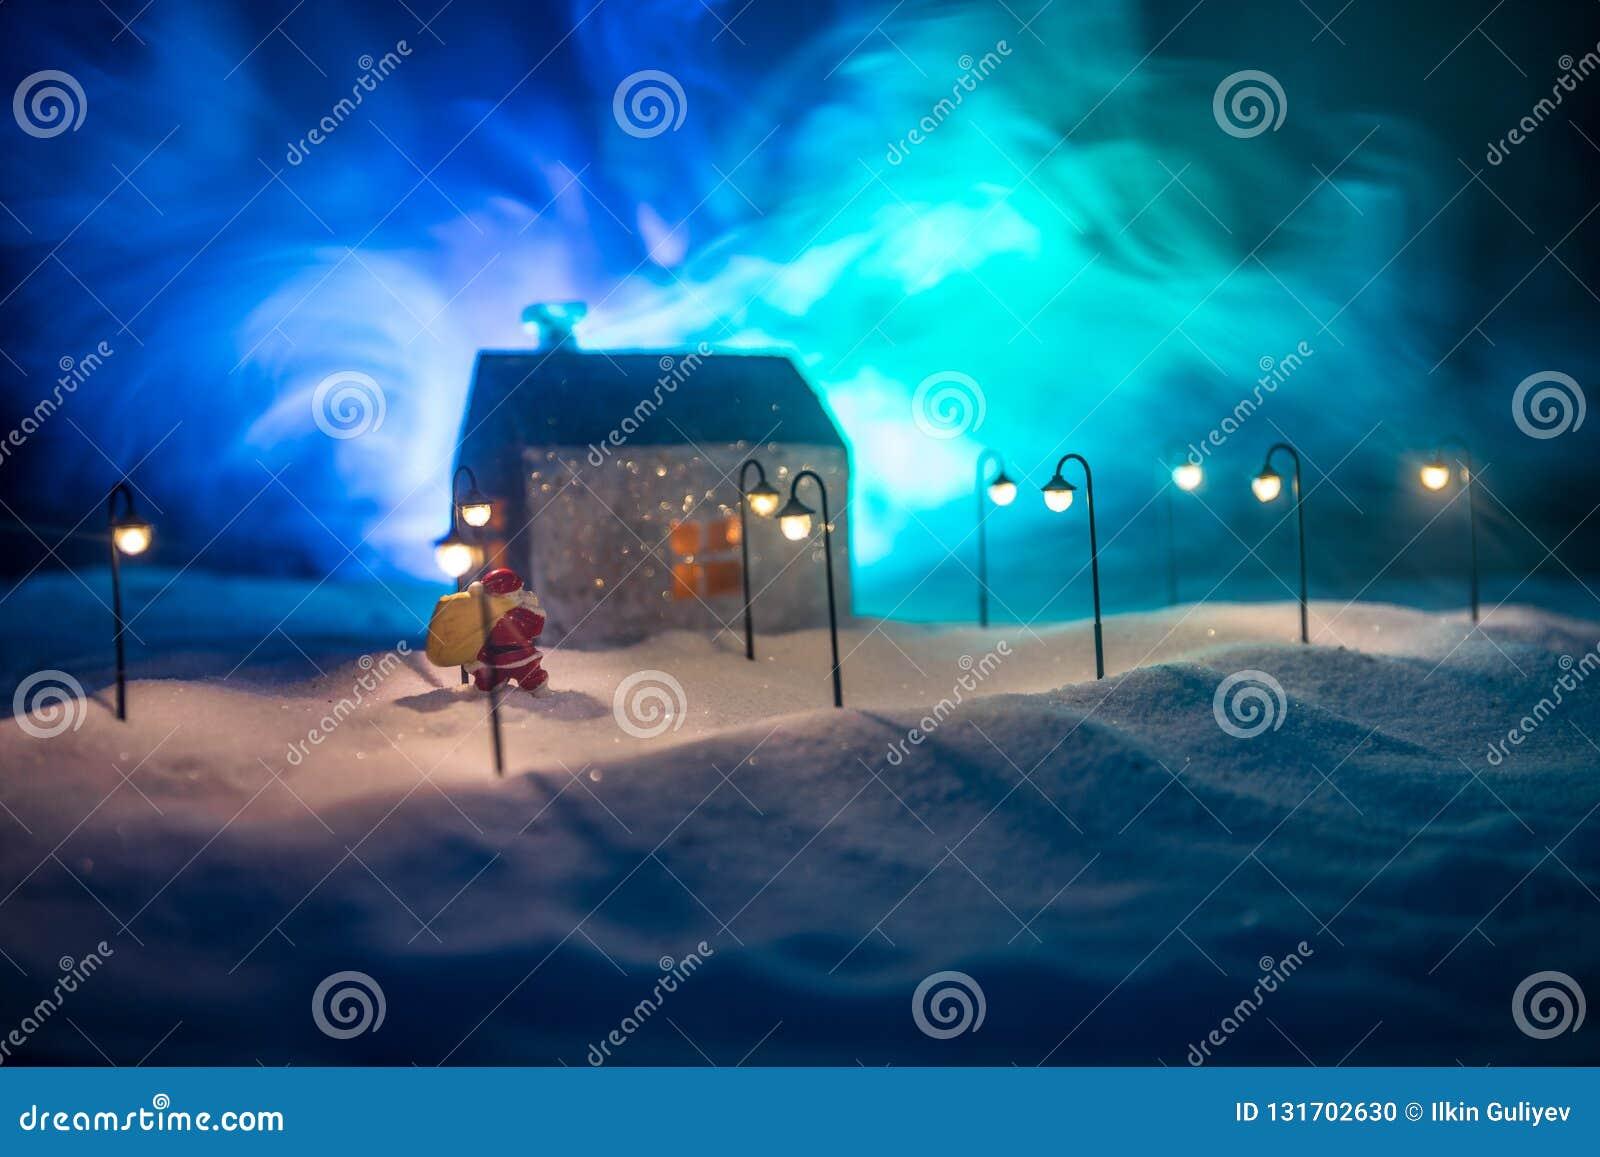 Μικρά διακοσμητικά χαριτωμένα μικρά σπίτια στο χιόνι τη νύχτα το χειμώνα, τα Χριστούγεννα και το νέο μικροσκοπικό σπίτι έτους στο